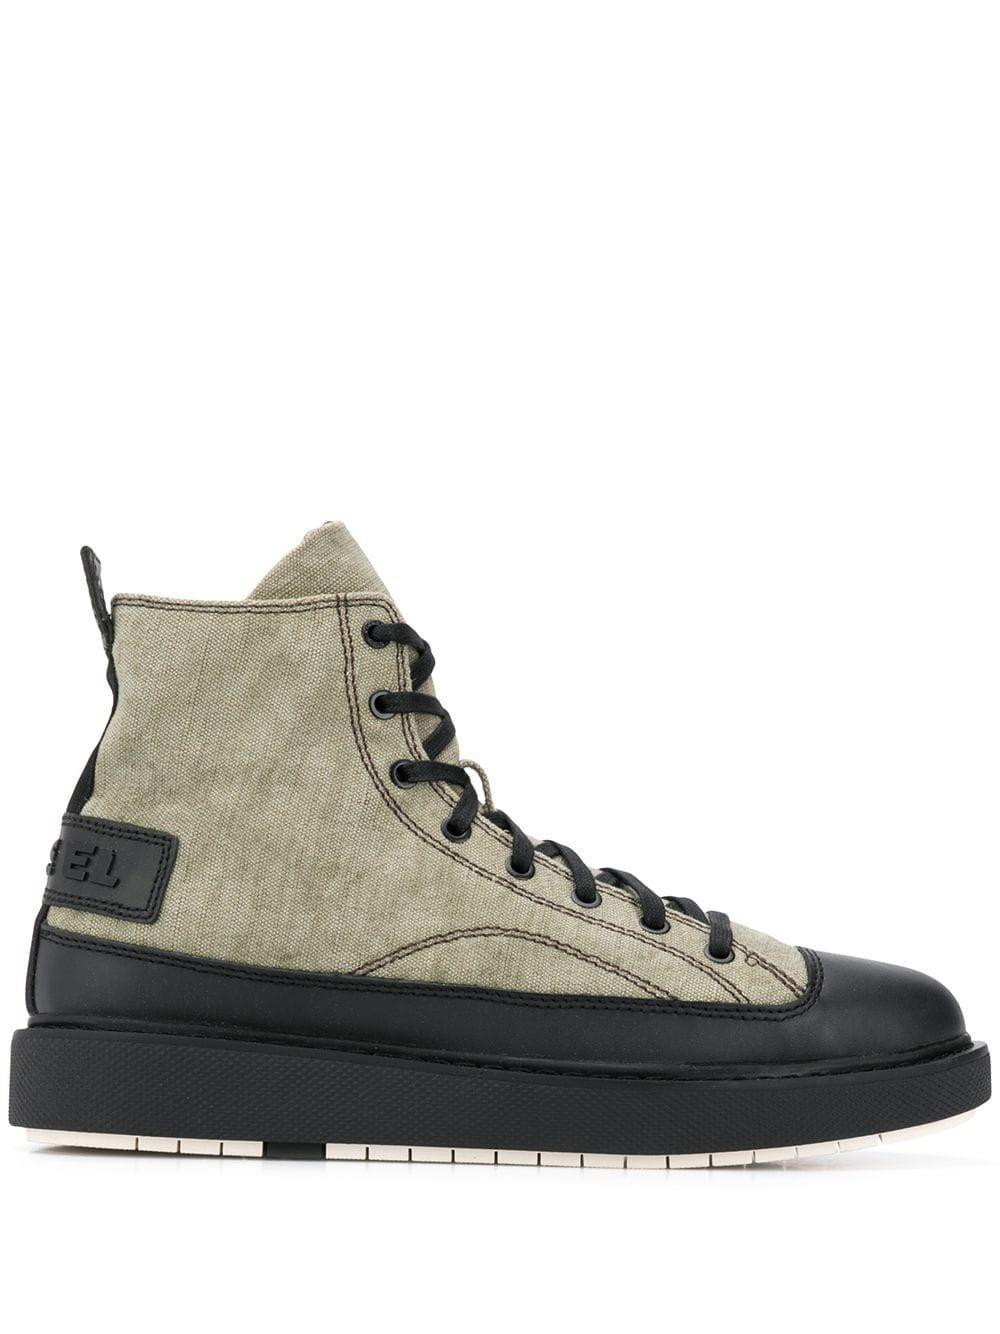 High top sneakers, Diesel shoes, Sneakers